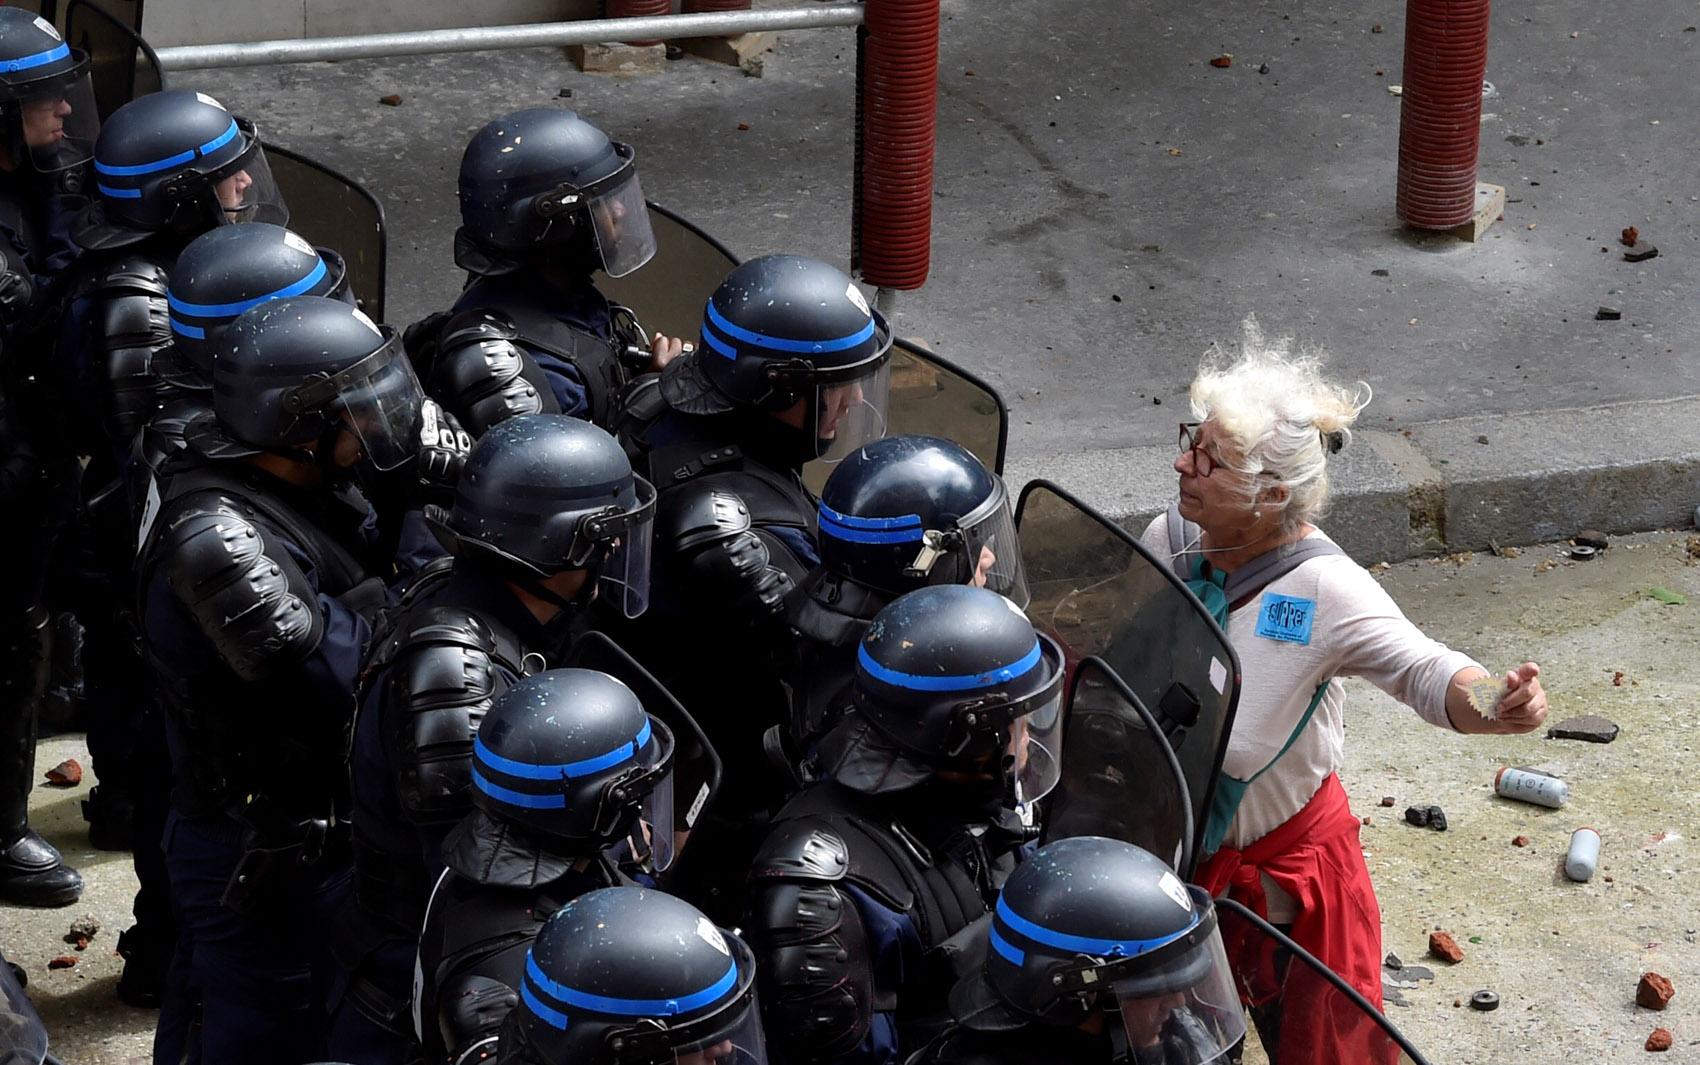 Uma mulher encara uma barreira de policiais durante protesto contra as reformas trabalhistas do governo em Paris, na França